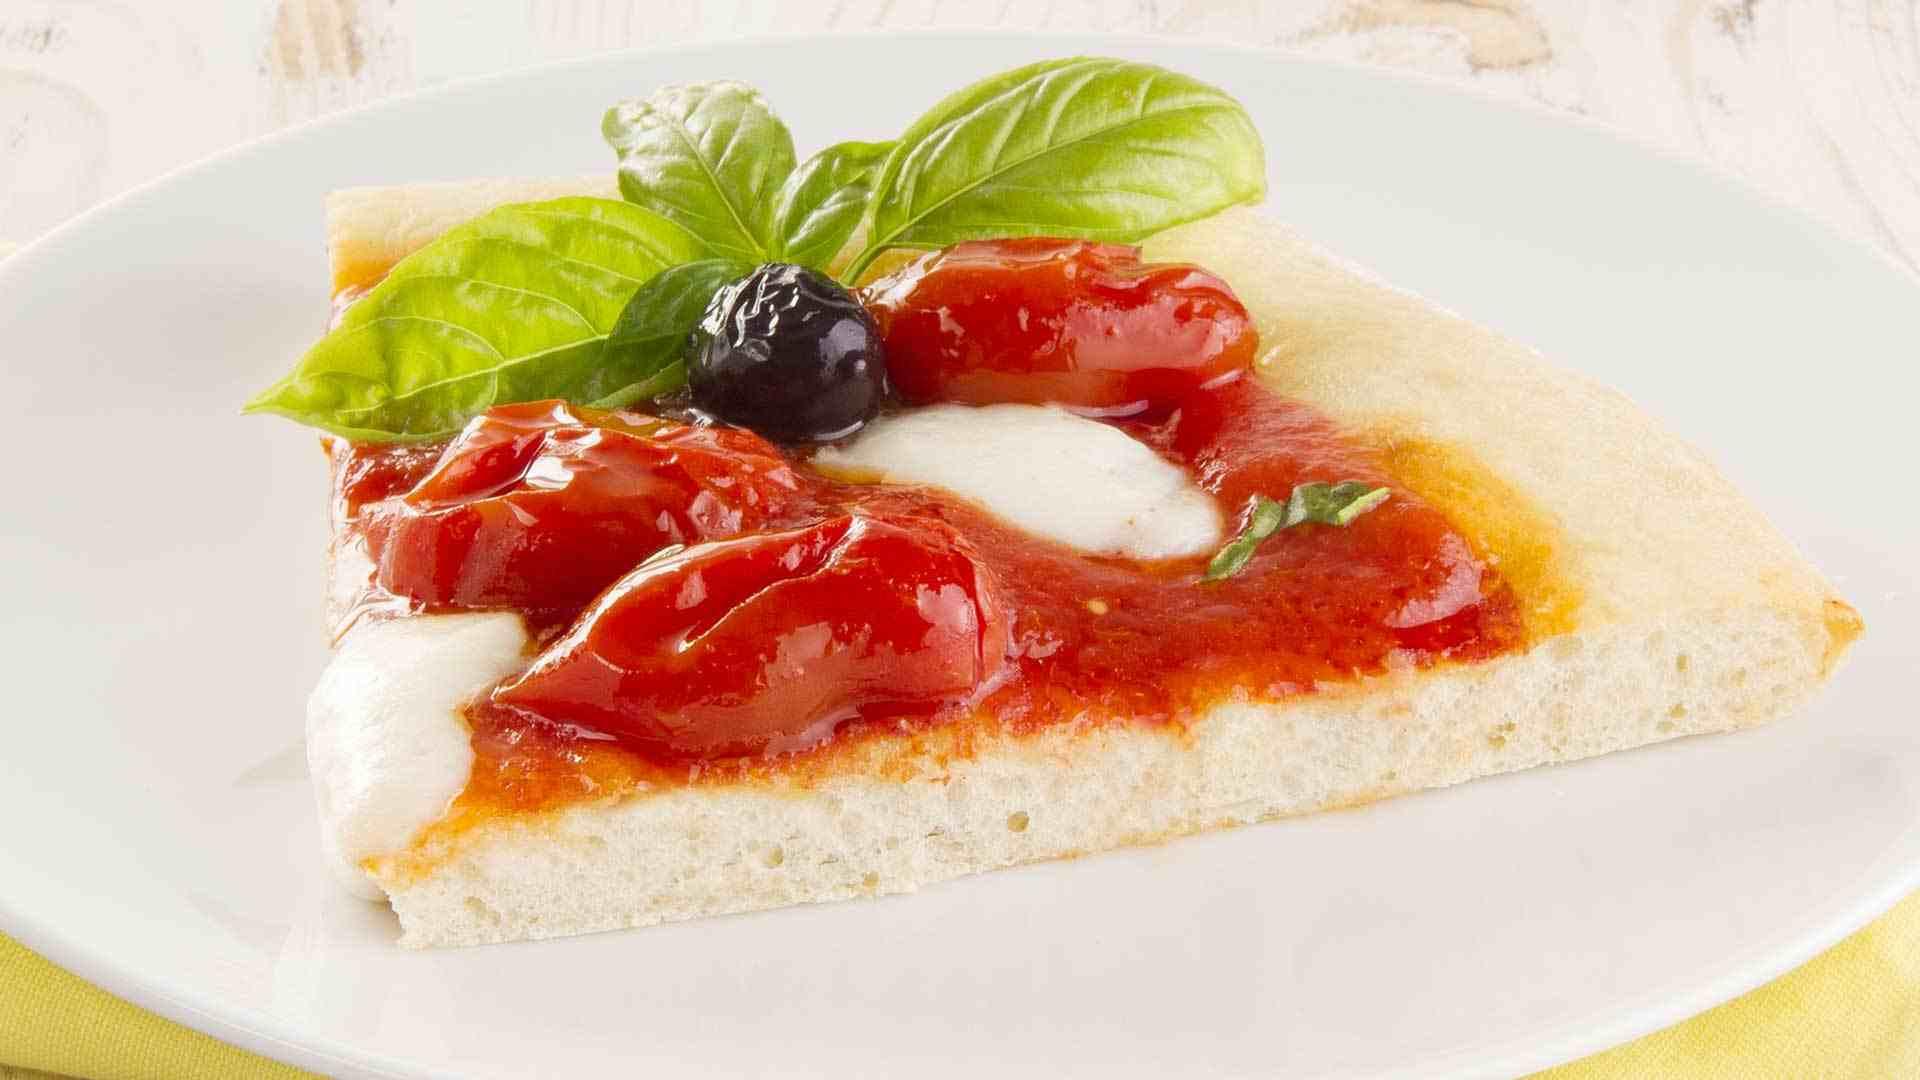 PIZZA DATTERINO, MOZZARELLA DI BUFALA E OLIVE DI GAETA